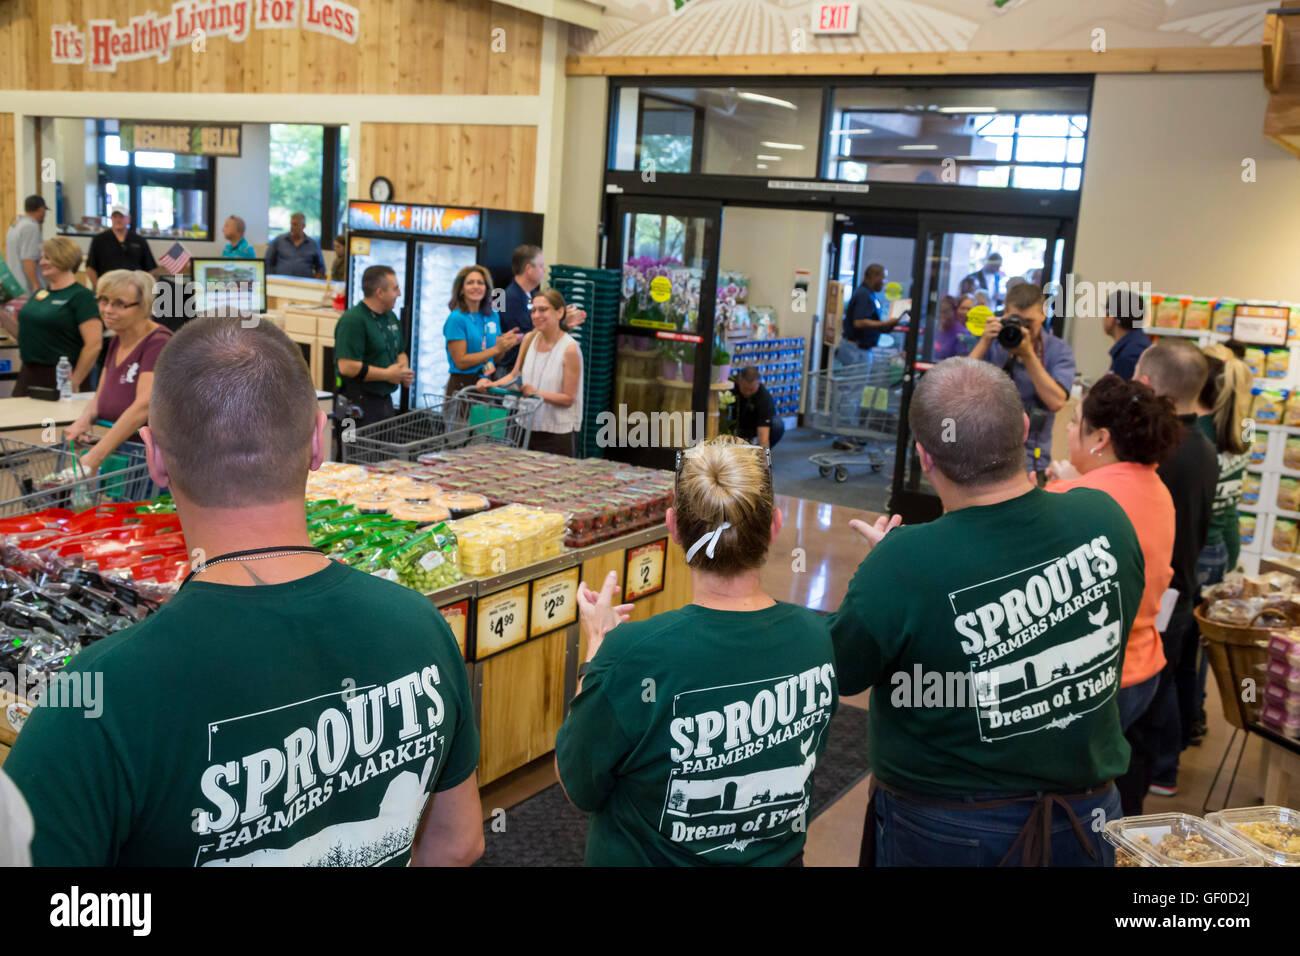 Las Vegas, Nevada - Mitarbeiter begrüßen die Kunden bei der Eröffnung eines neuen Sprossen Farmers Market. Stockfoto